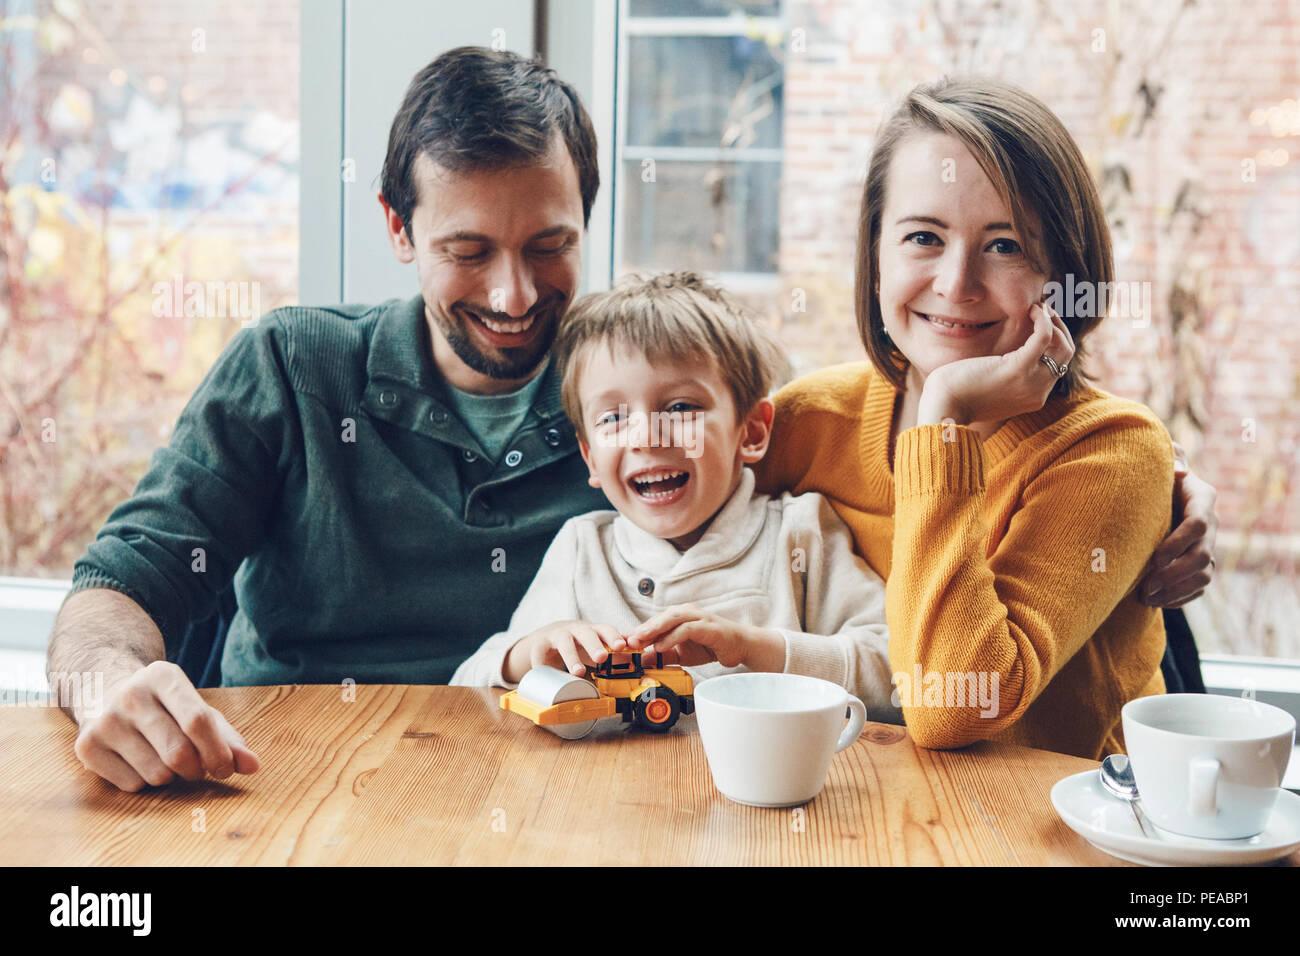 Ritratto di white Caucasian famiglia felice di tre madre, padre e figlio, seduti al ristorante cafe a tavola, sorridente giocando, autentico stile di vita Immagini Stock